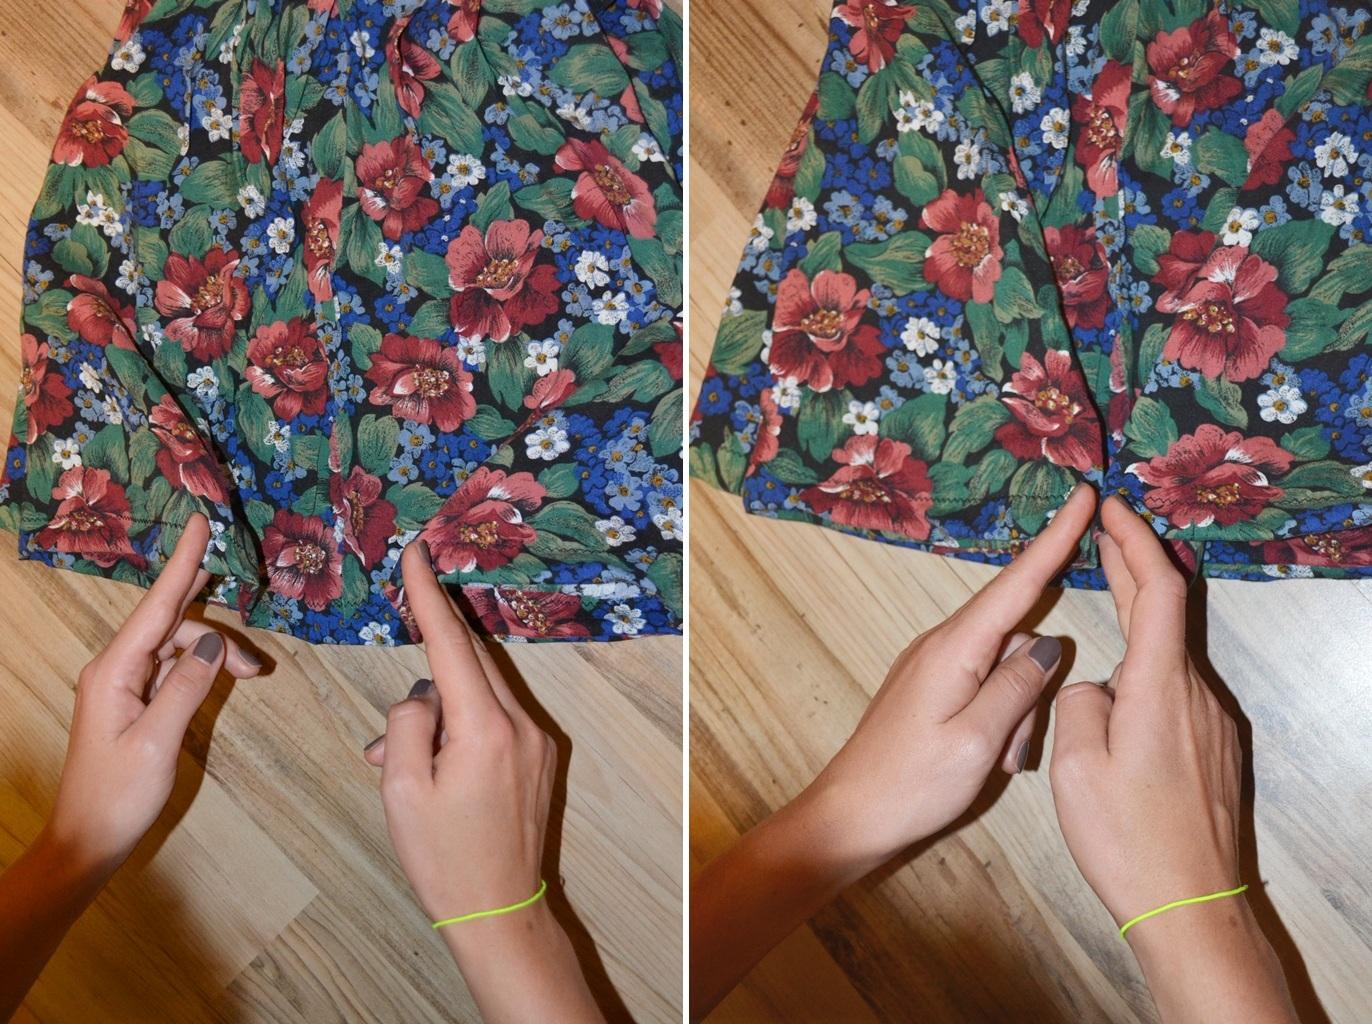 Мастер-класс стилиста: цветочные шорты из бабушкиной юбки - фото №5